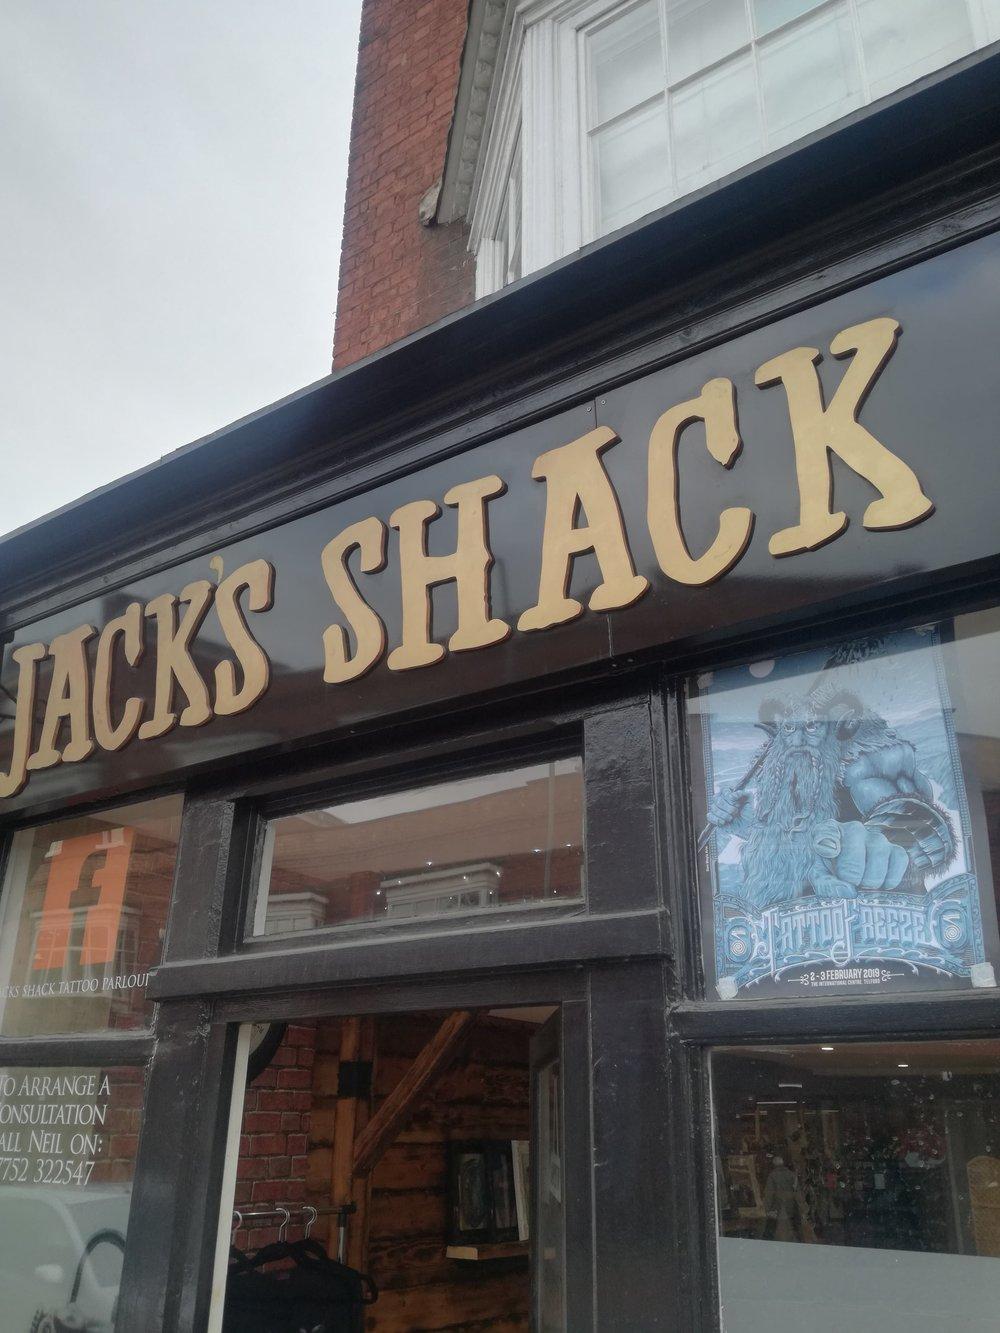 Jacks Shack Tattoo Studio